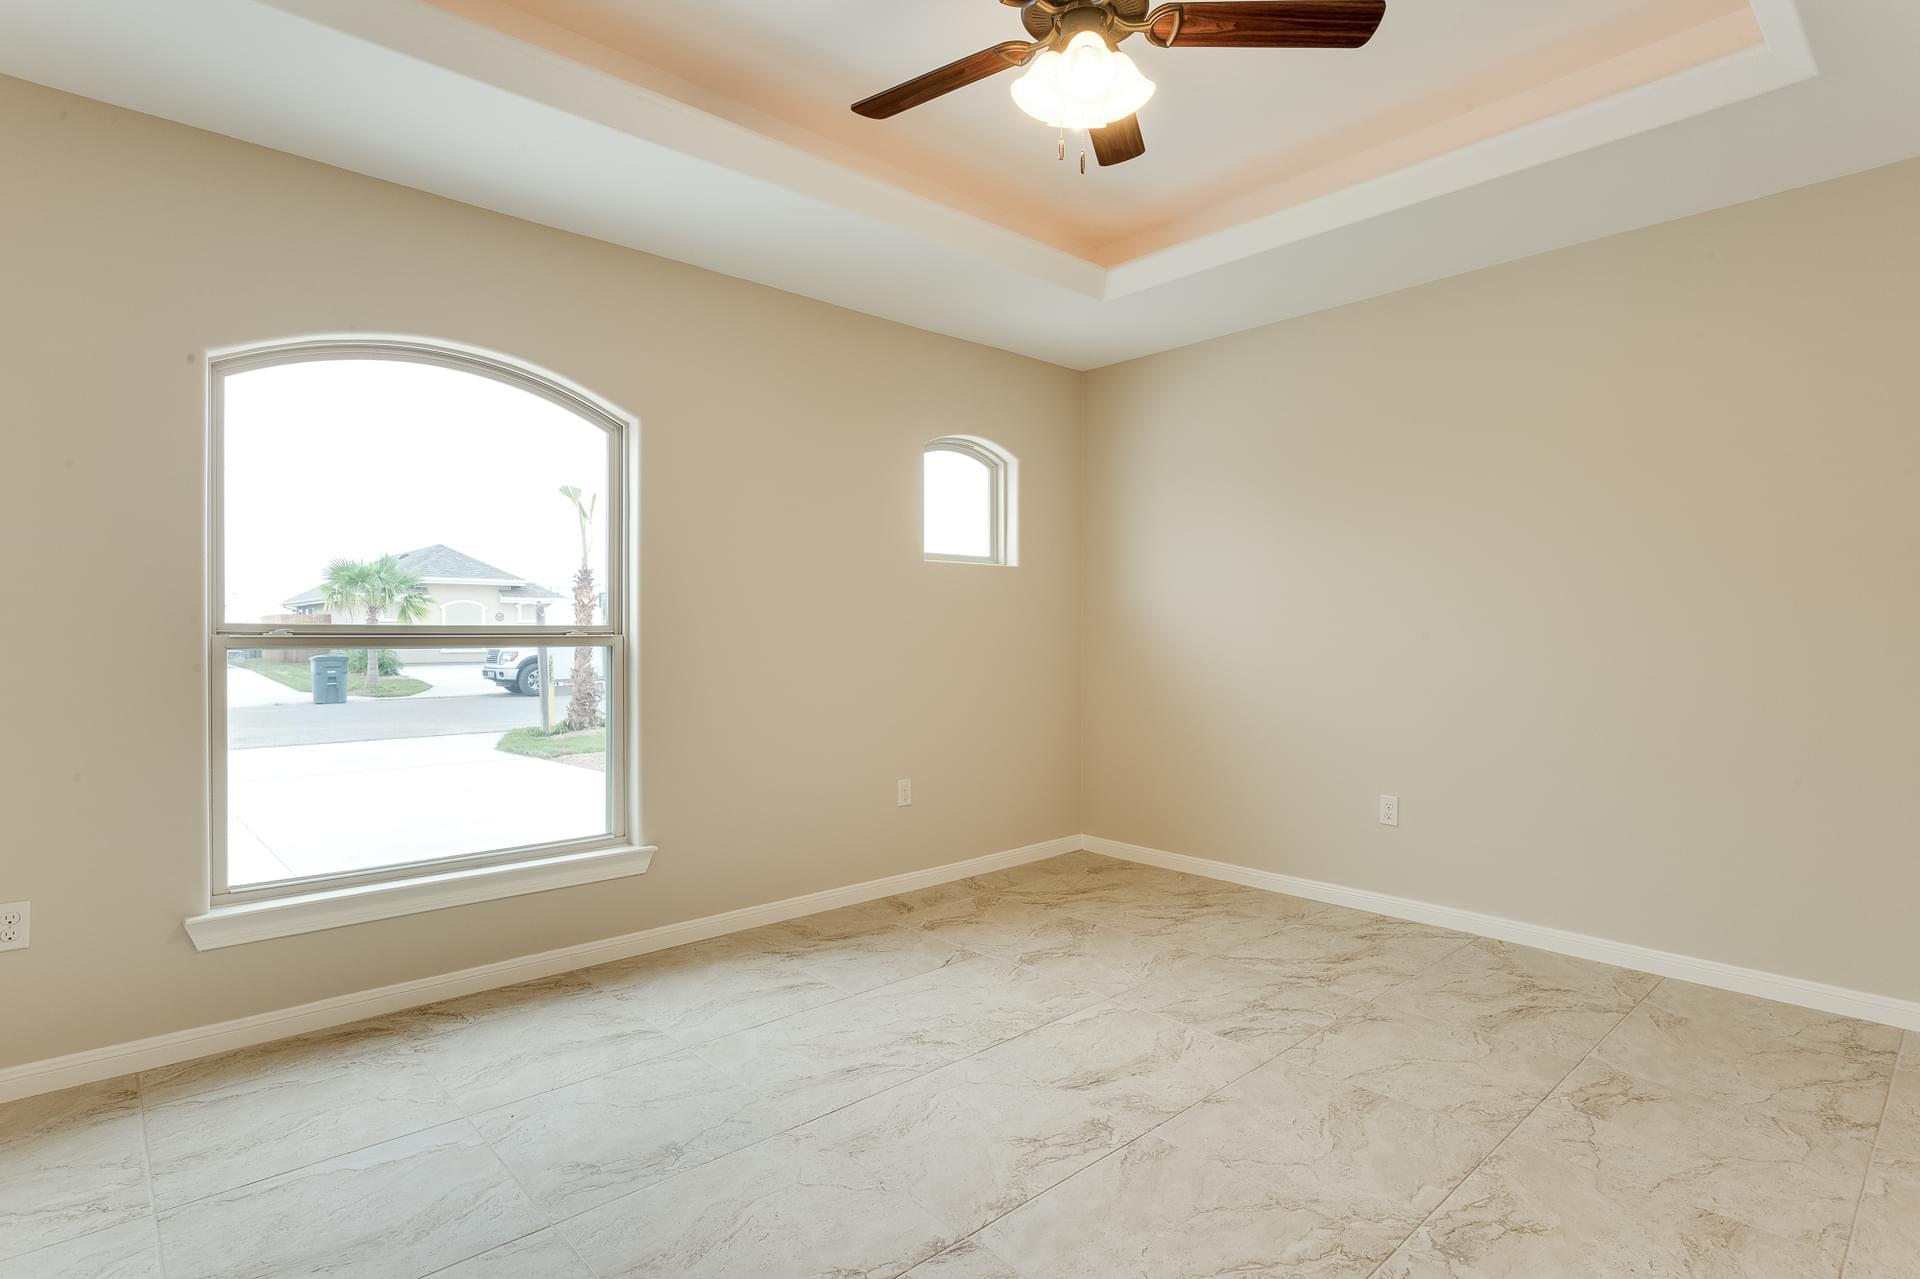 The RV Casita new home in Mission TX